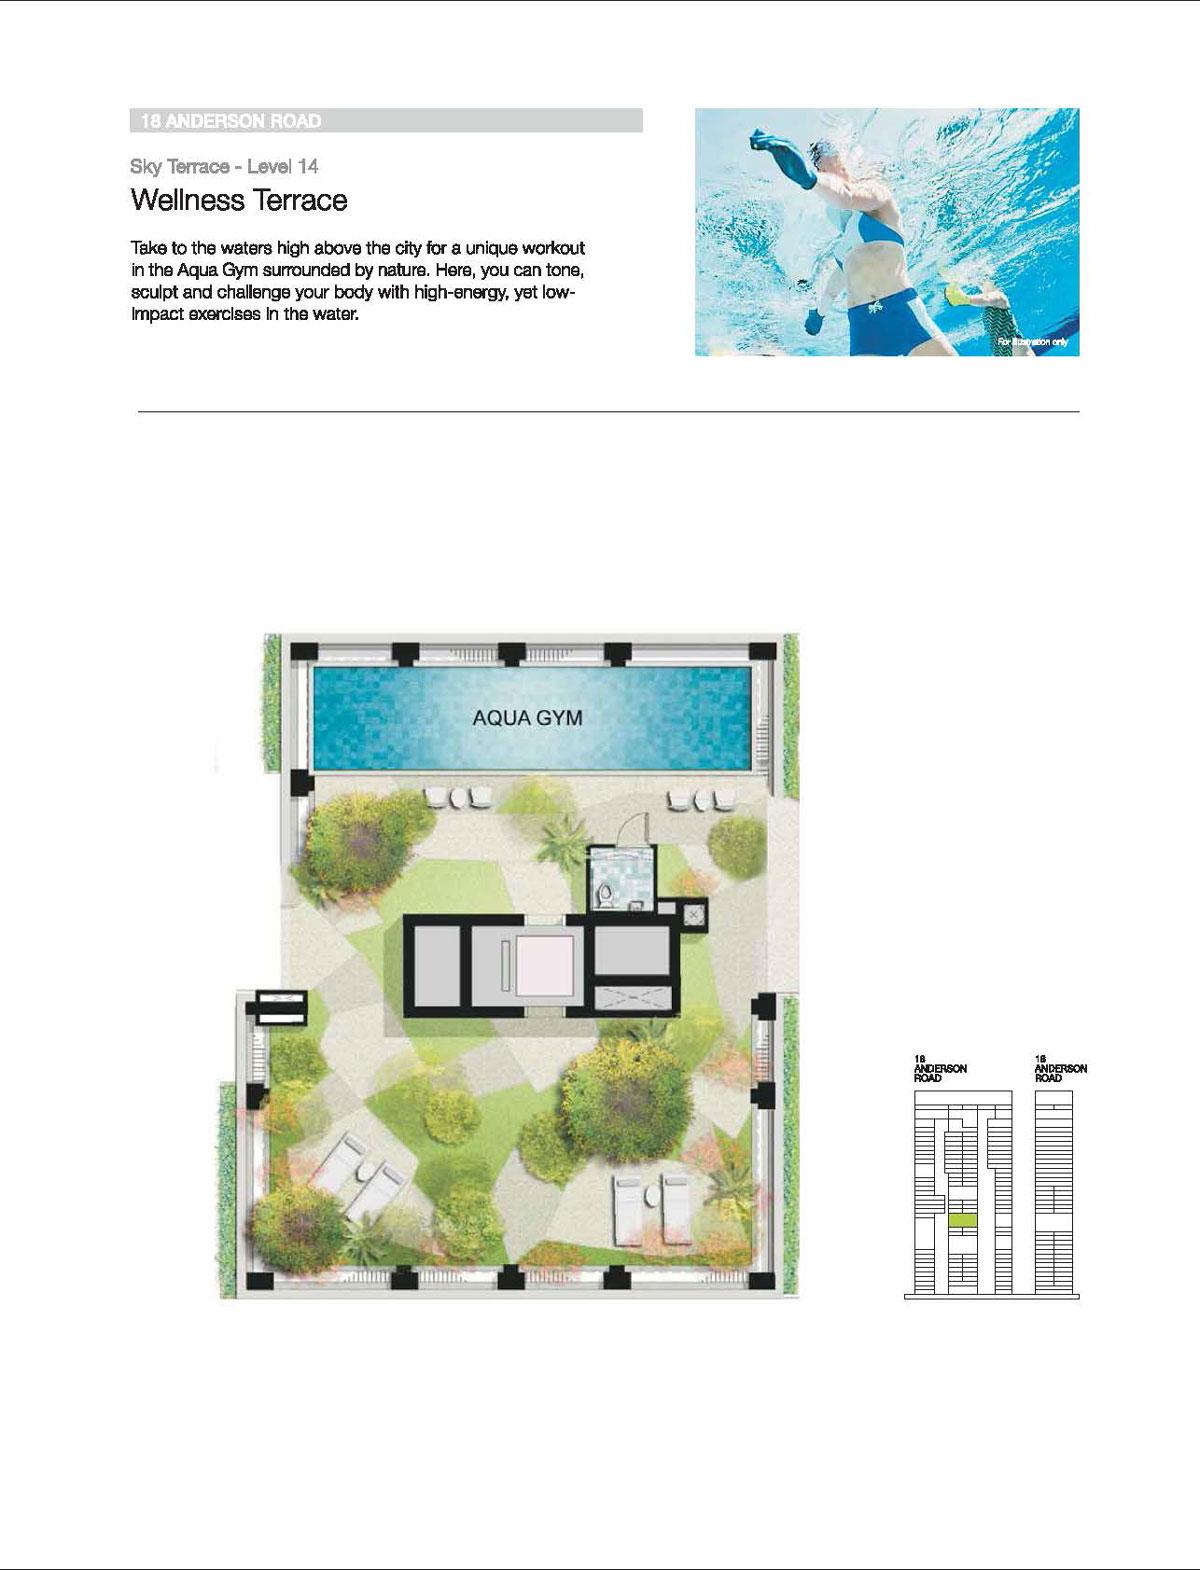 Nouvel-18-Site-Plan6.jpg